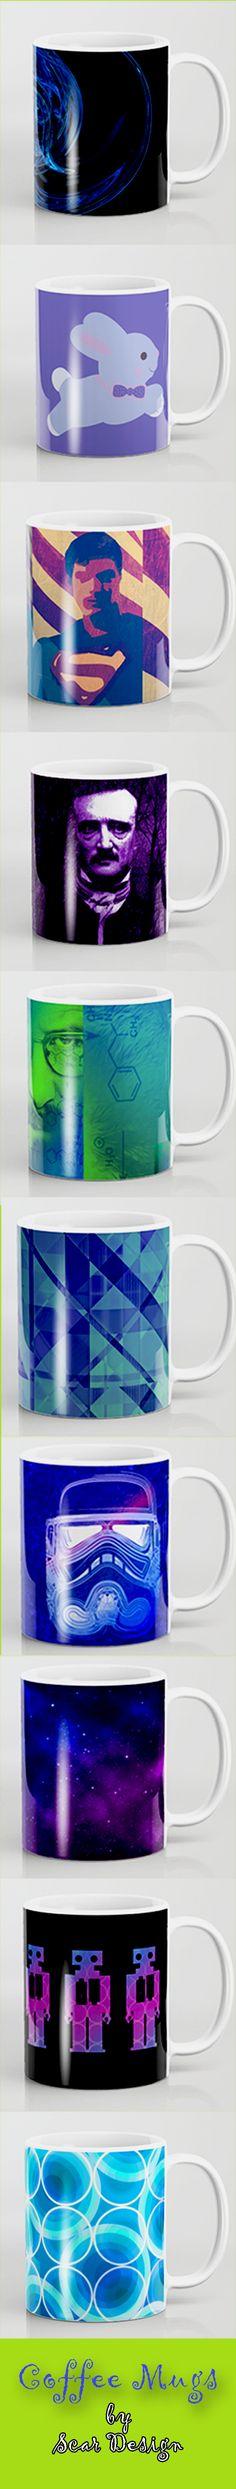 COOL MUGS by Scar Design   #mug #travelmag #buymug #kitchen #giftsforhim…